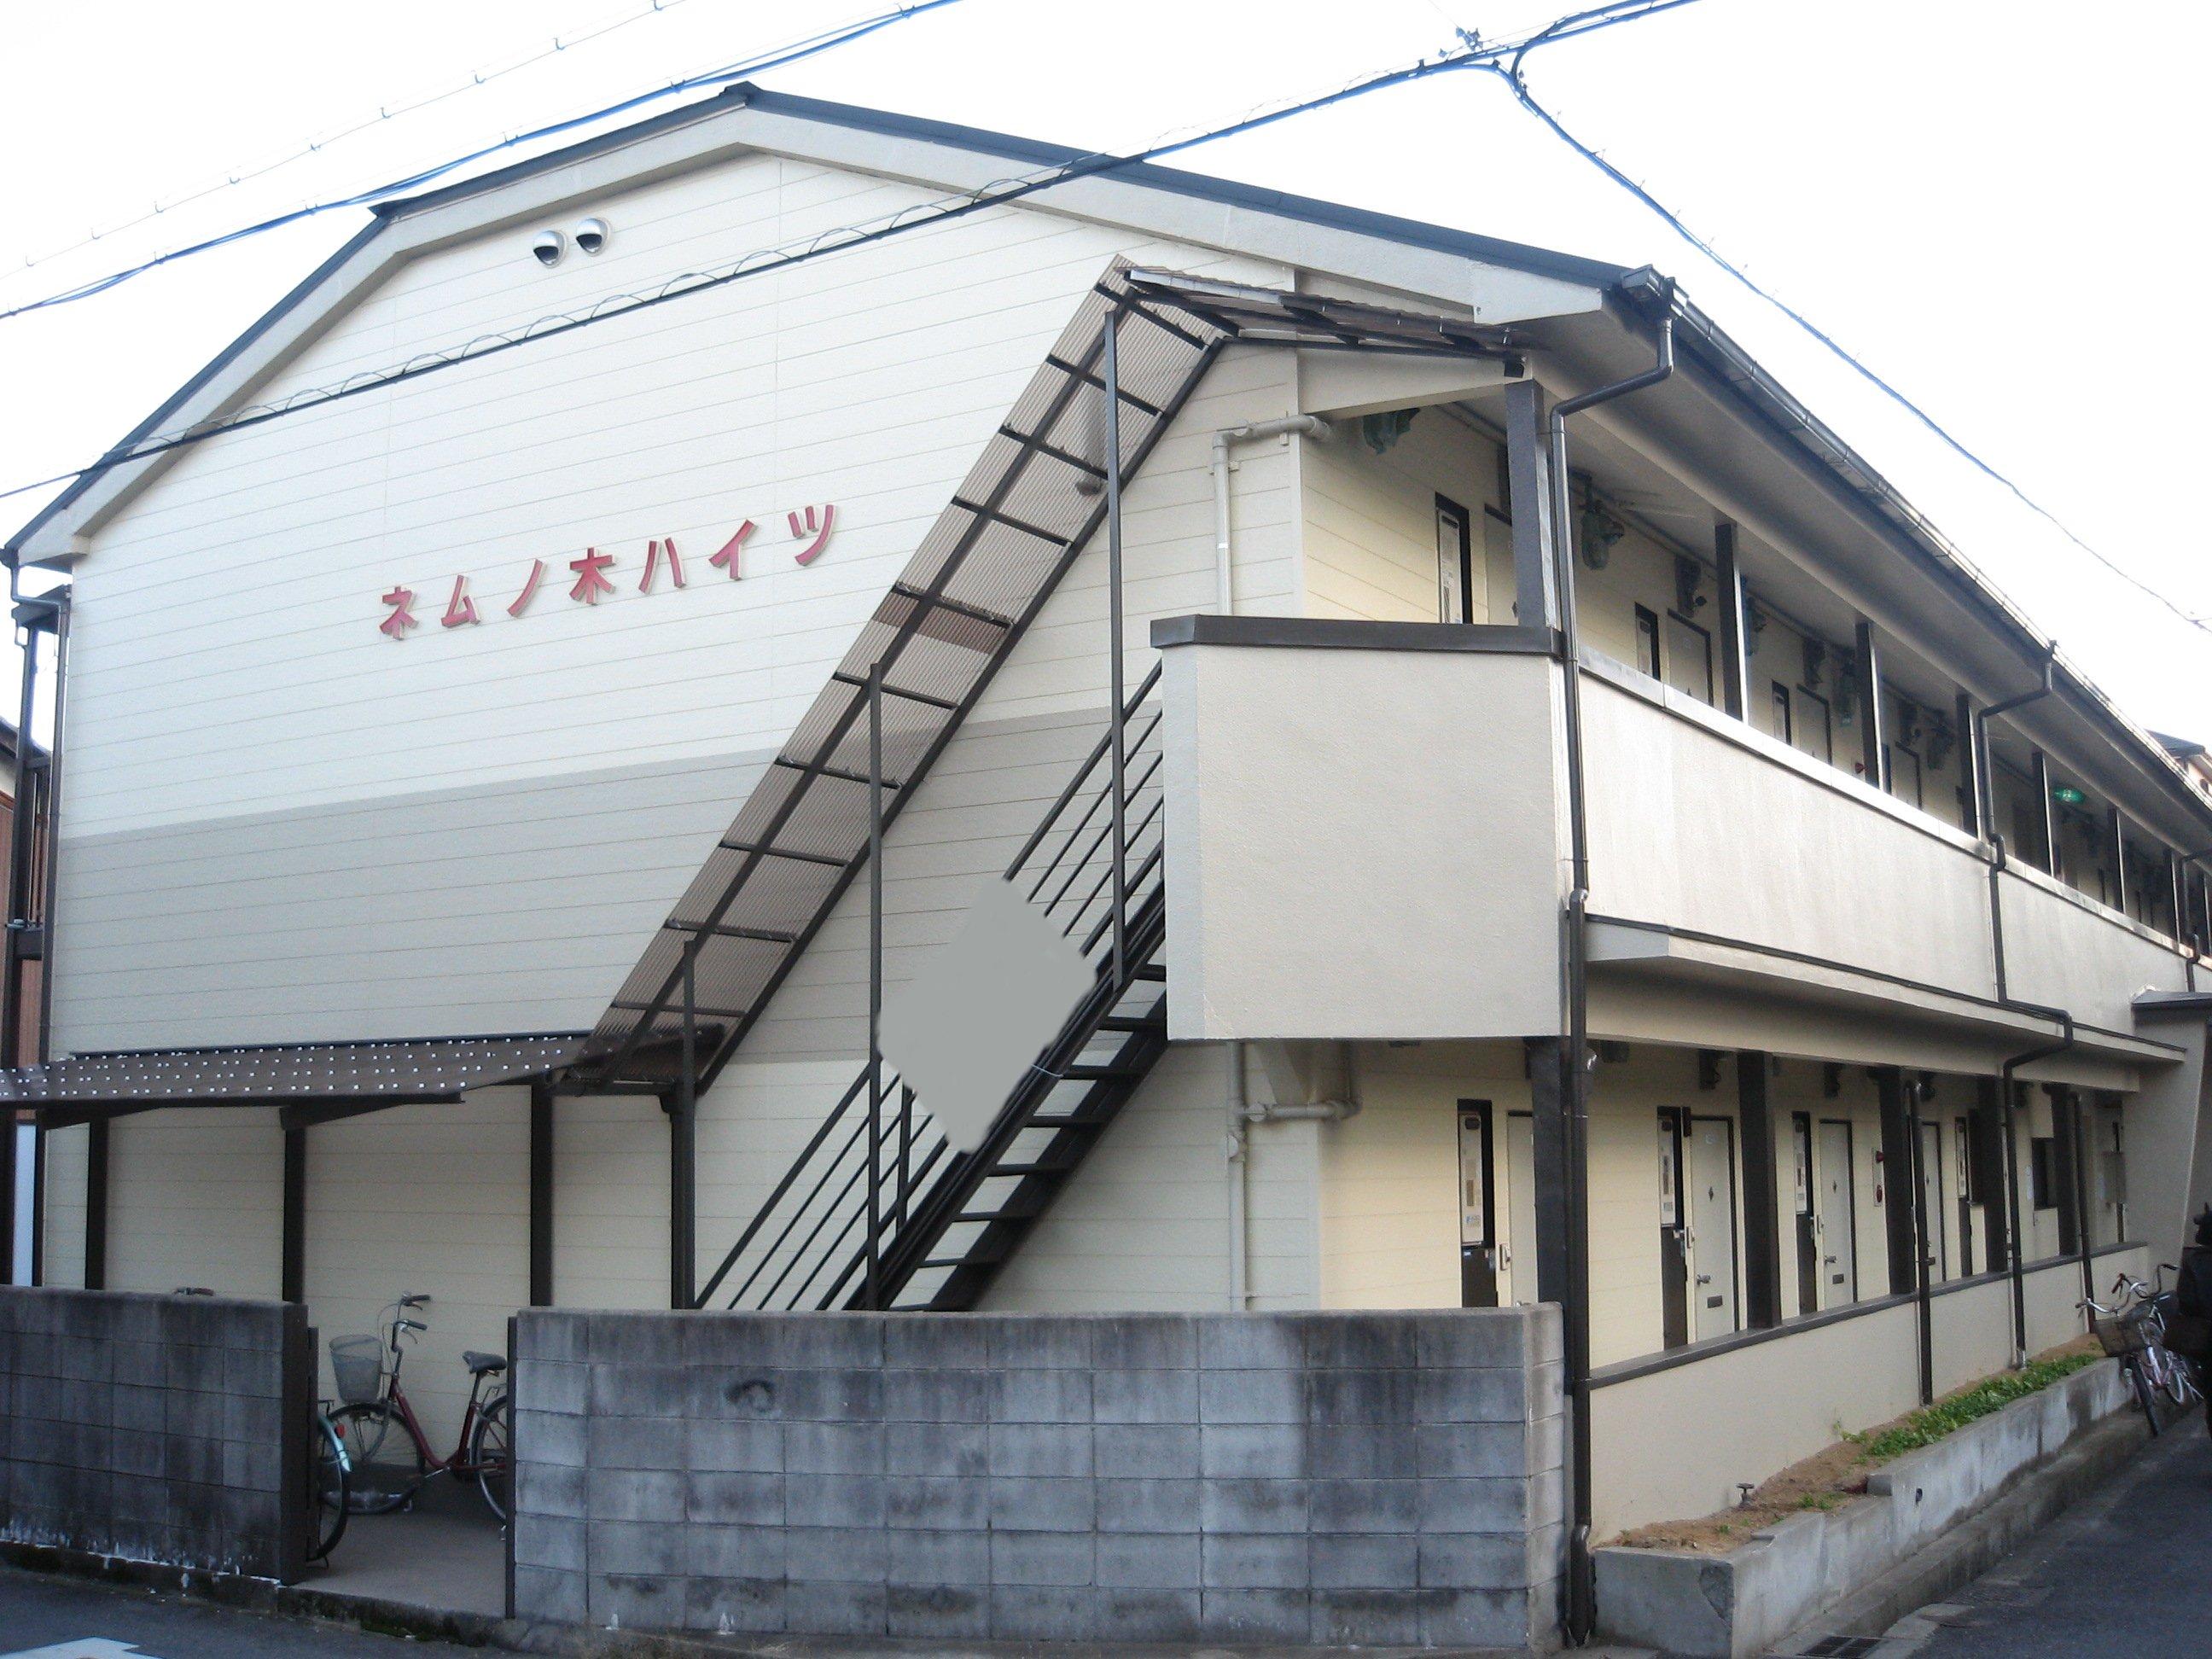 高槻市賃貸アパート・ネムノ木ハイツNO1.JPG